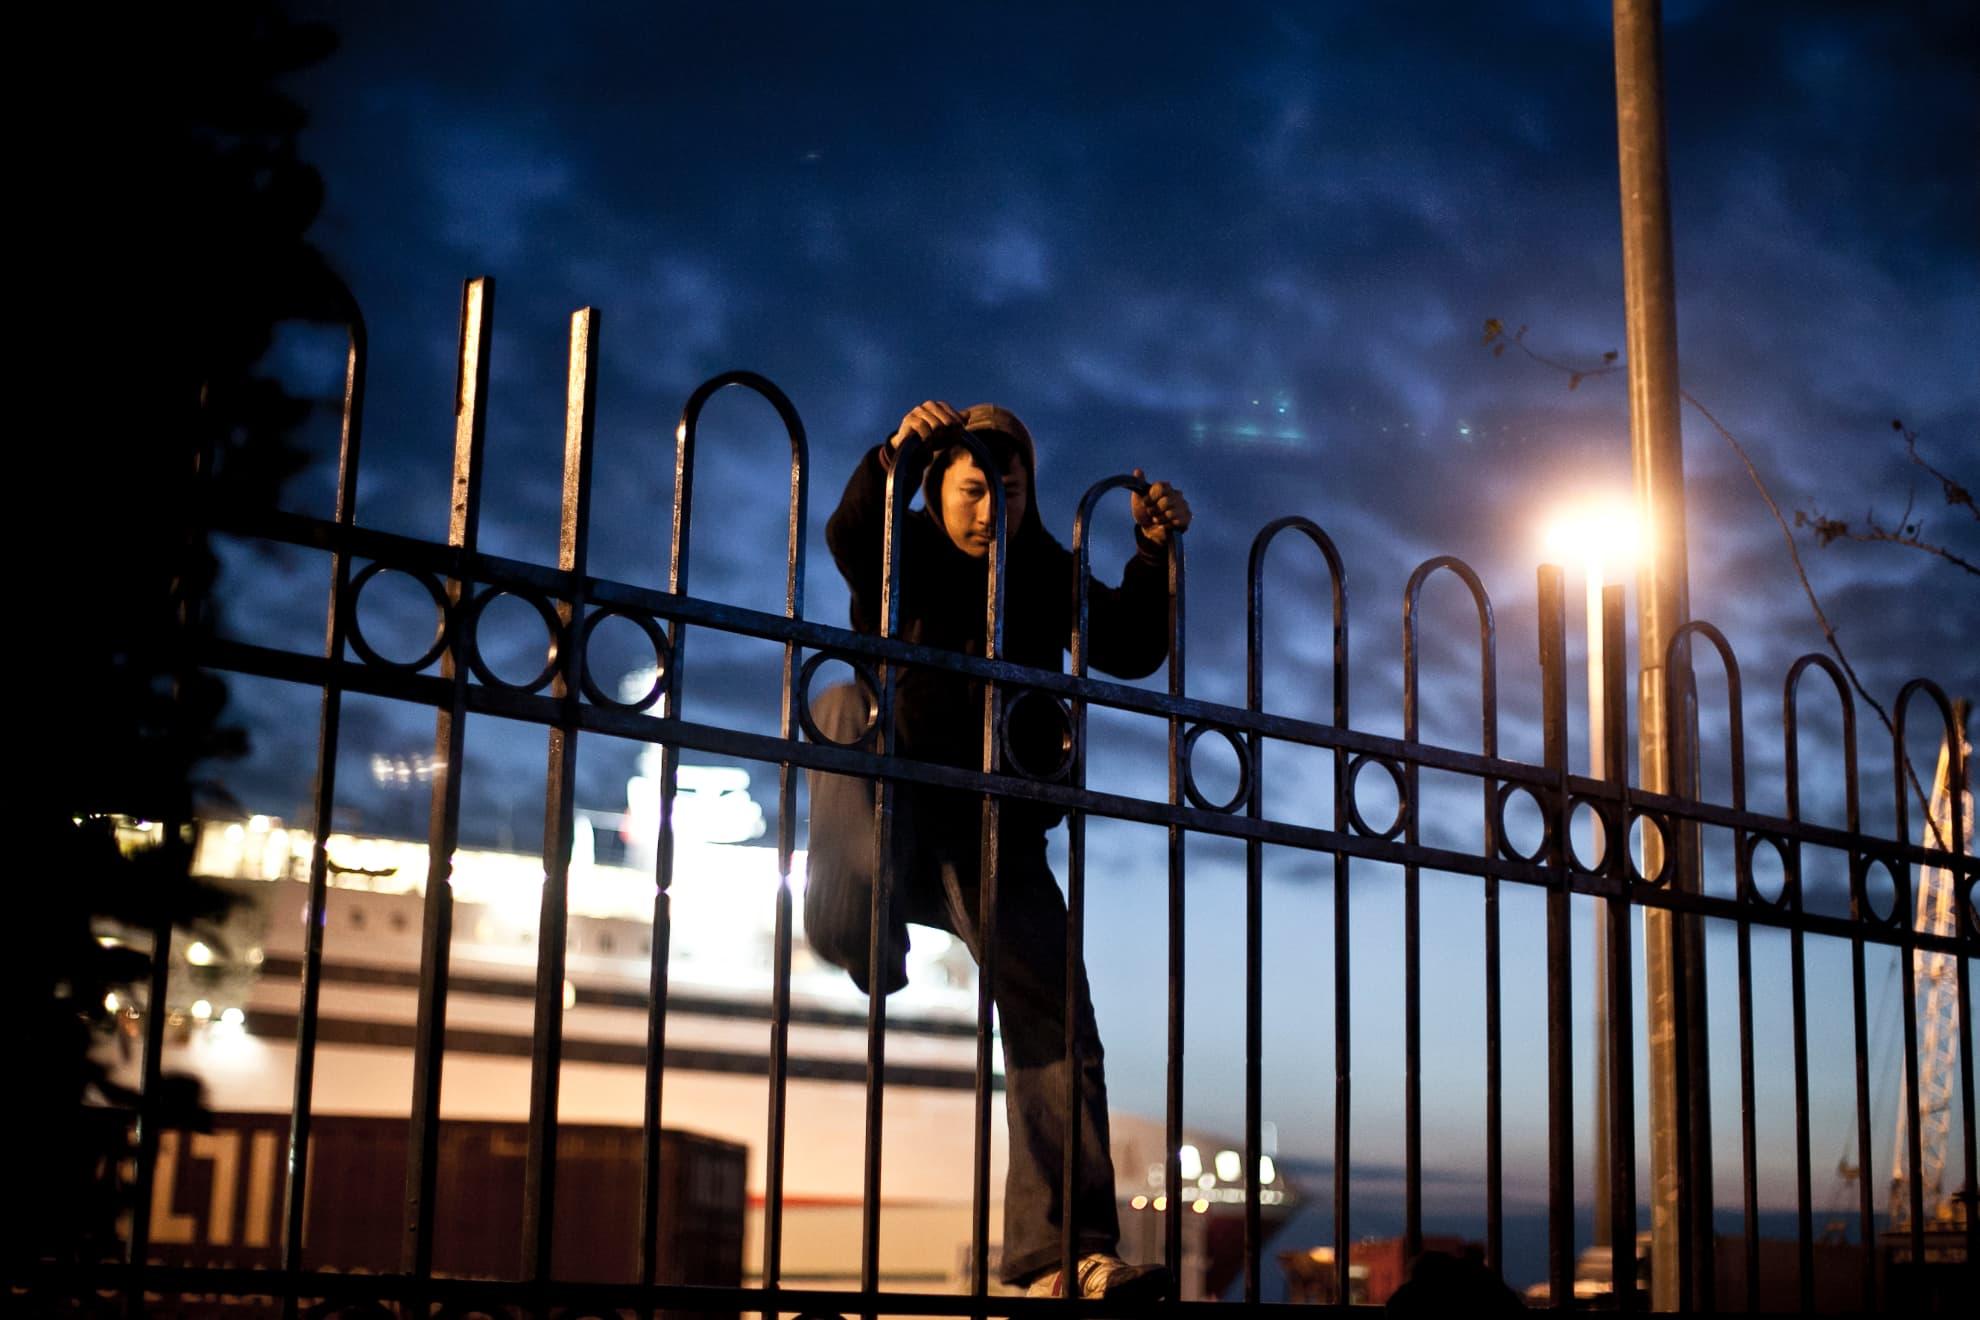 Decenas de migrantes saltan cada día las vallas del puerto de Patras para acceder al aparcamiento de camiones. Una vez allí, y si la Guardia Costera no les ha detectado, intentan esconderse en los bajos o en las cajas de los camiones para acceder a algún ferry con destino a Italia.